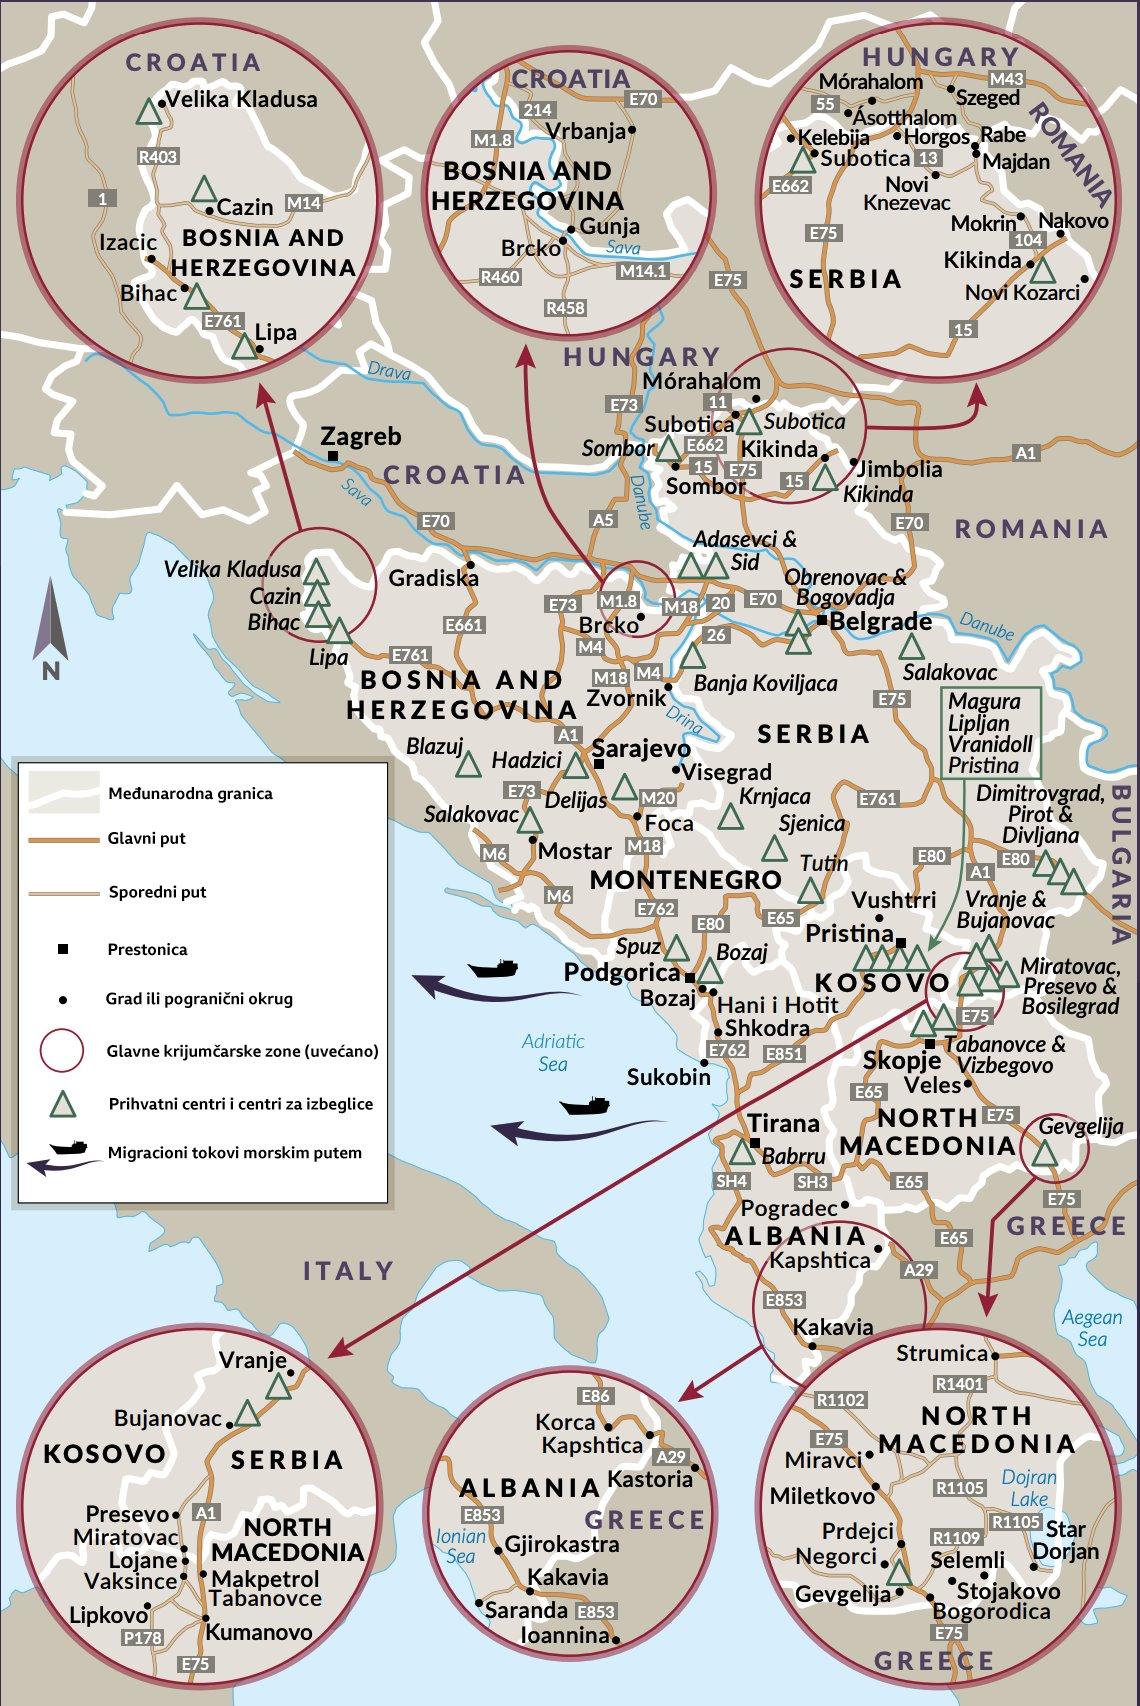 mapa žarišta migracija i krijumčarenja izveštaj Globalne inicijative protiv transnacionalnog organizovanog kriminala